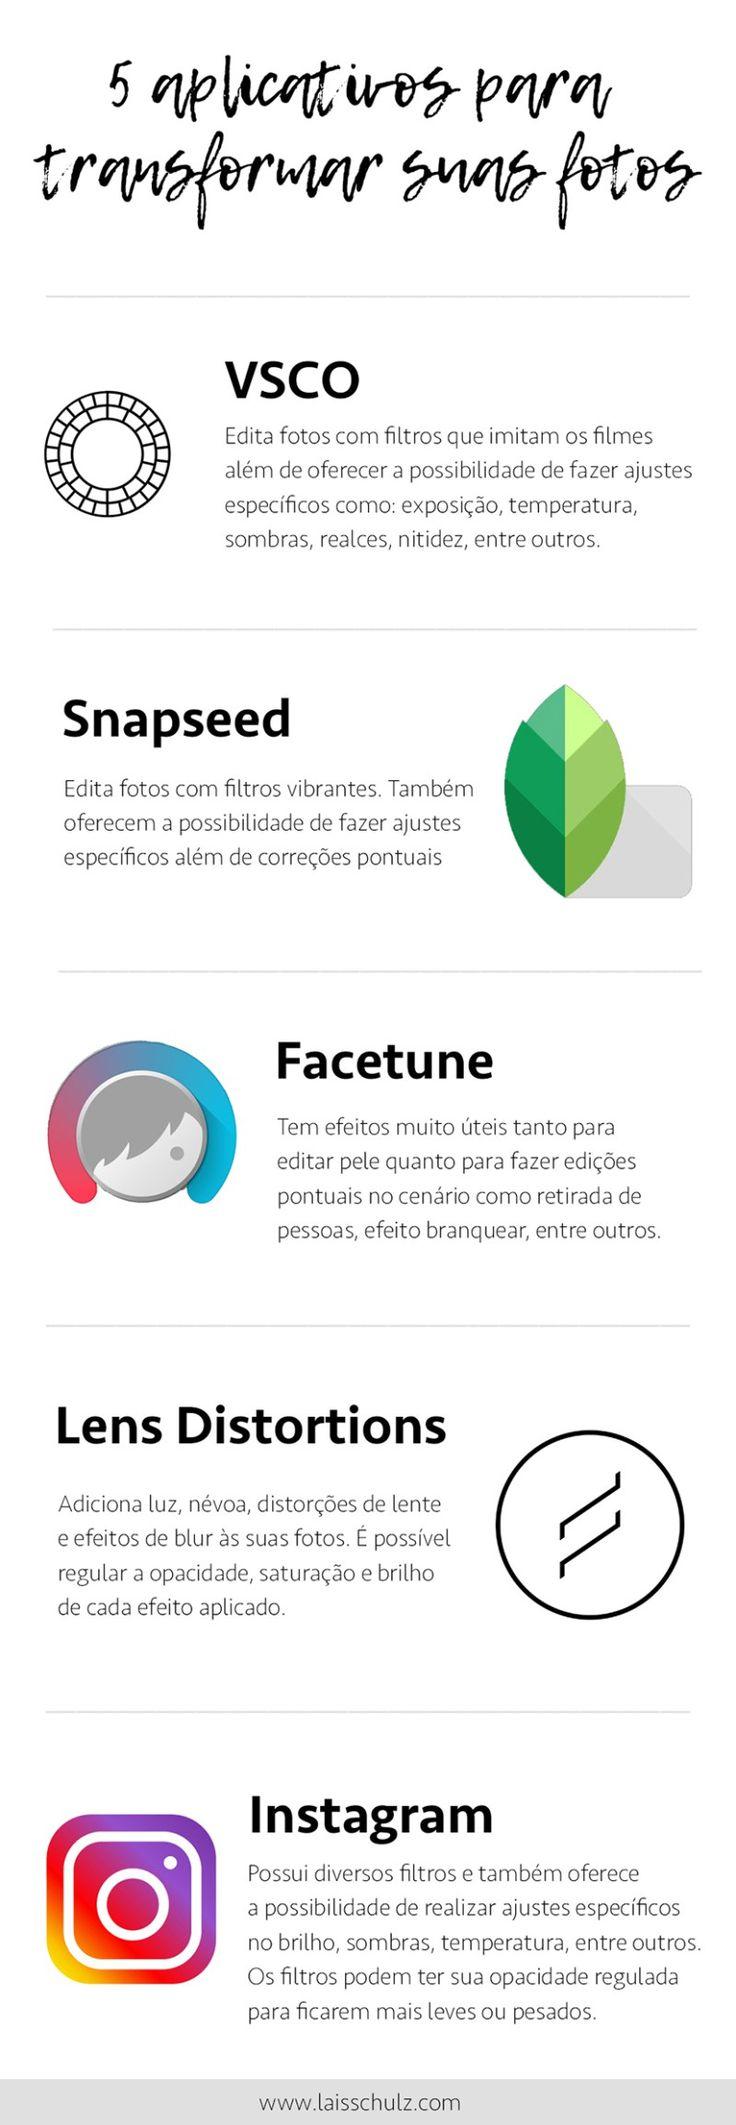 5 aplicativos para transformar suas fotos 2.jpg